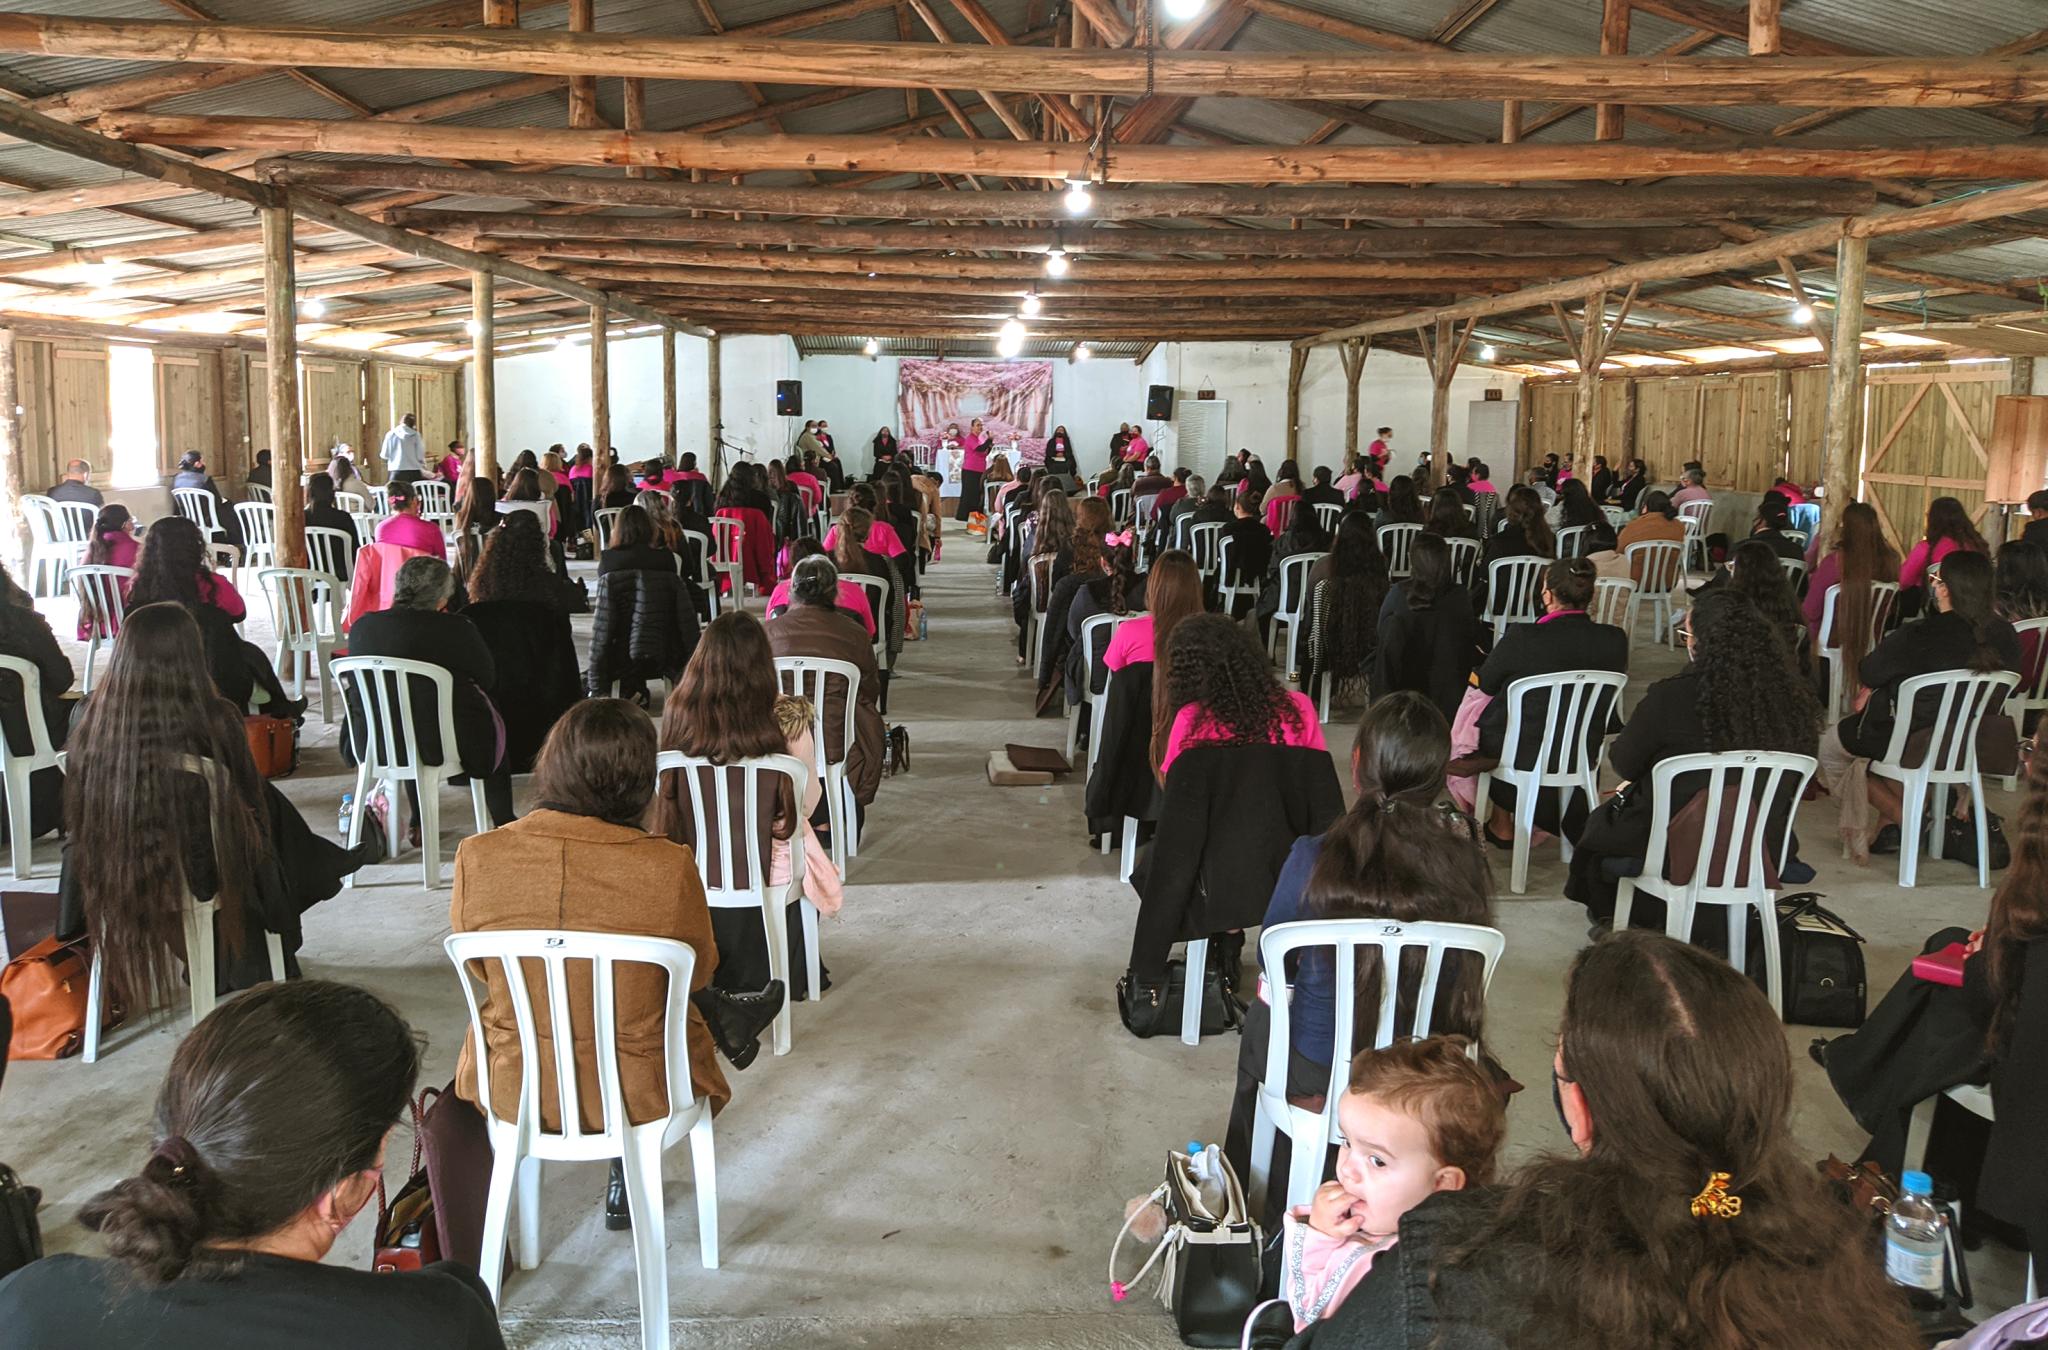 Com distanciamento adequado e seguindo todos os protocolos sanitários vigentes, 209 irmãs reuniram-se para buscar a Deus.